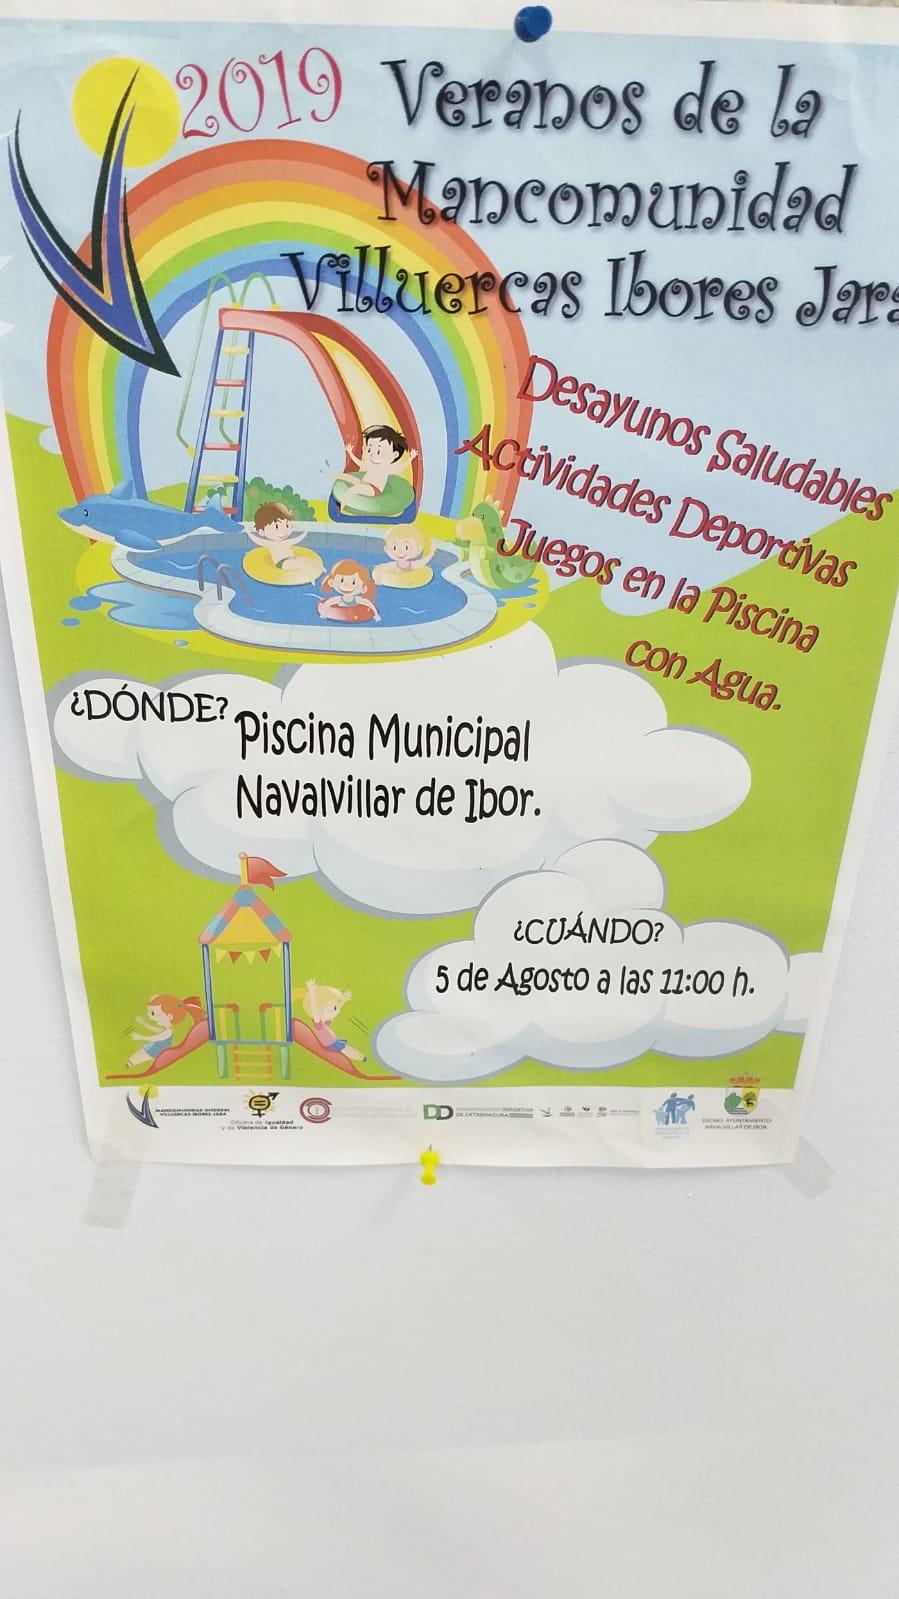 Veranos de la Mancomunidad 2019 - Navalvillar de Ibor (Cáceres)